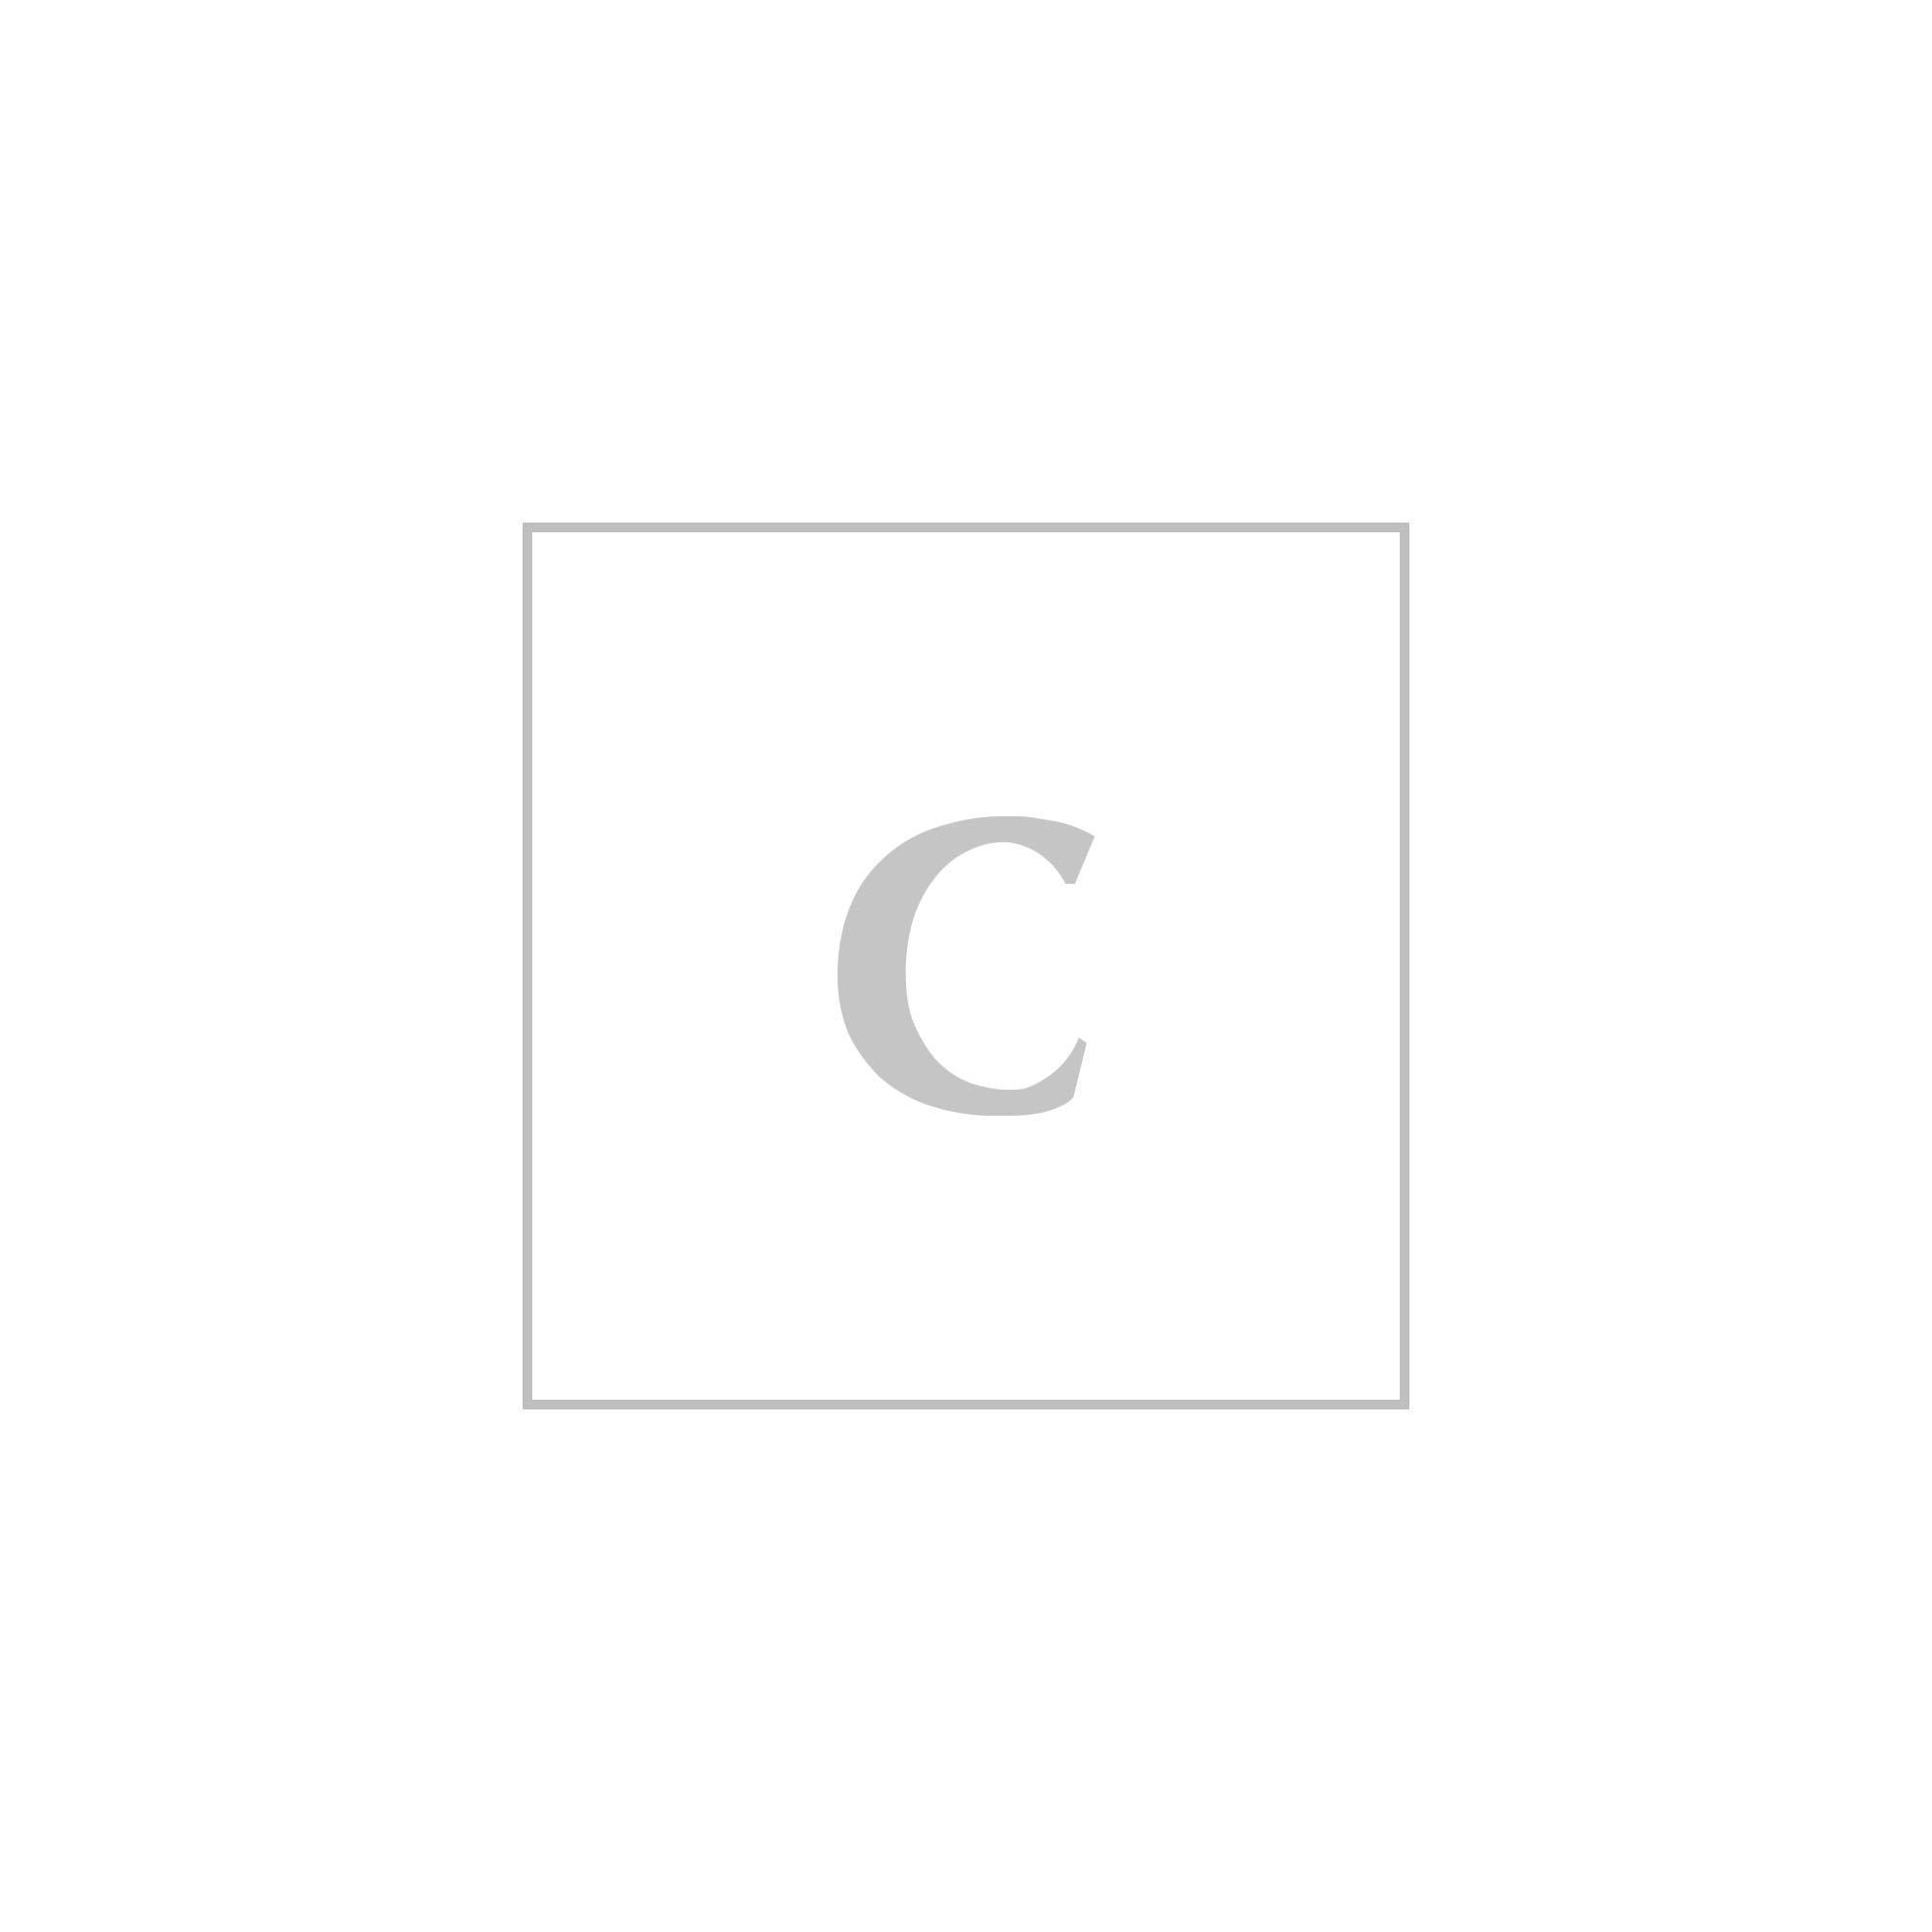 Christian Dior borsa openbar grained double